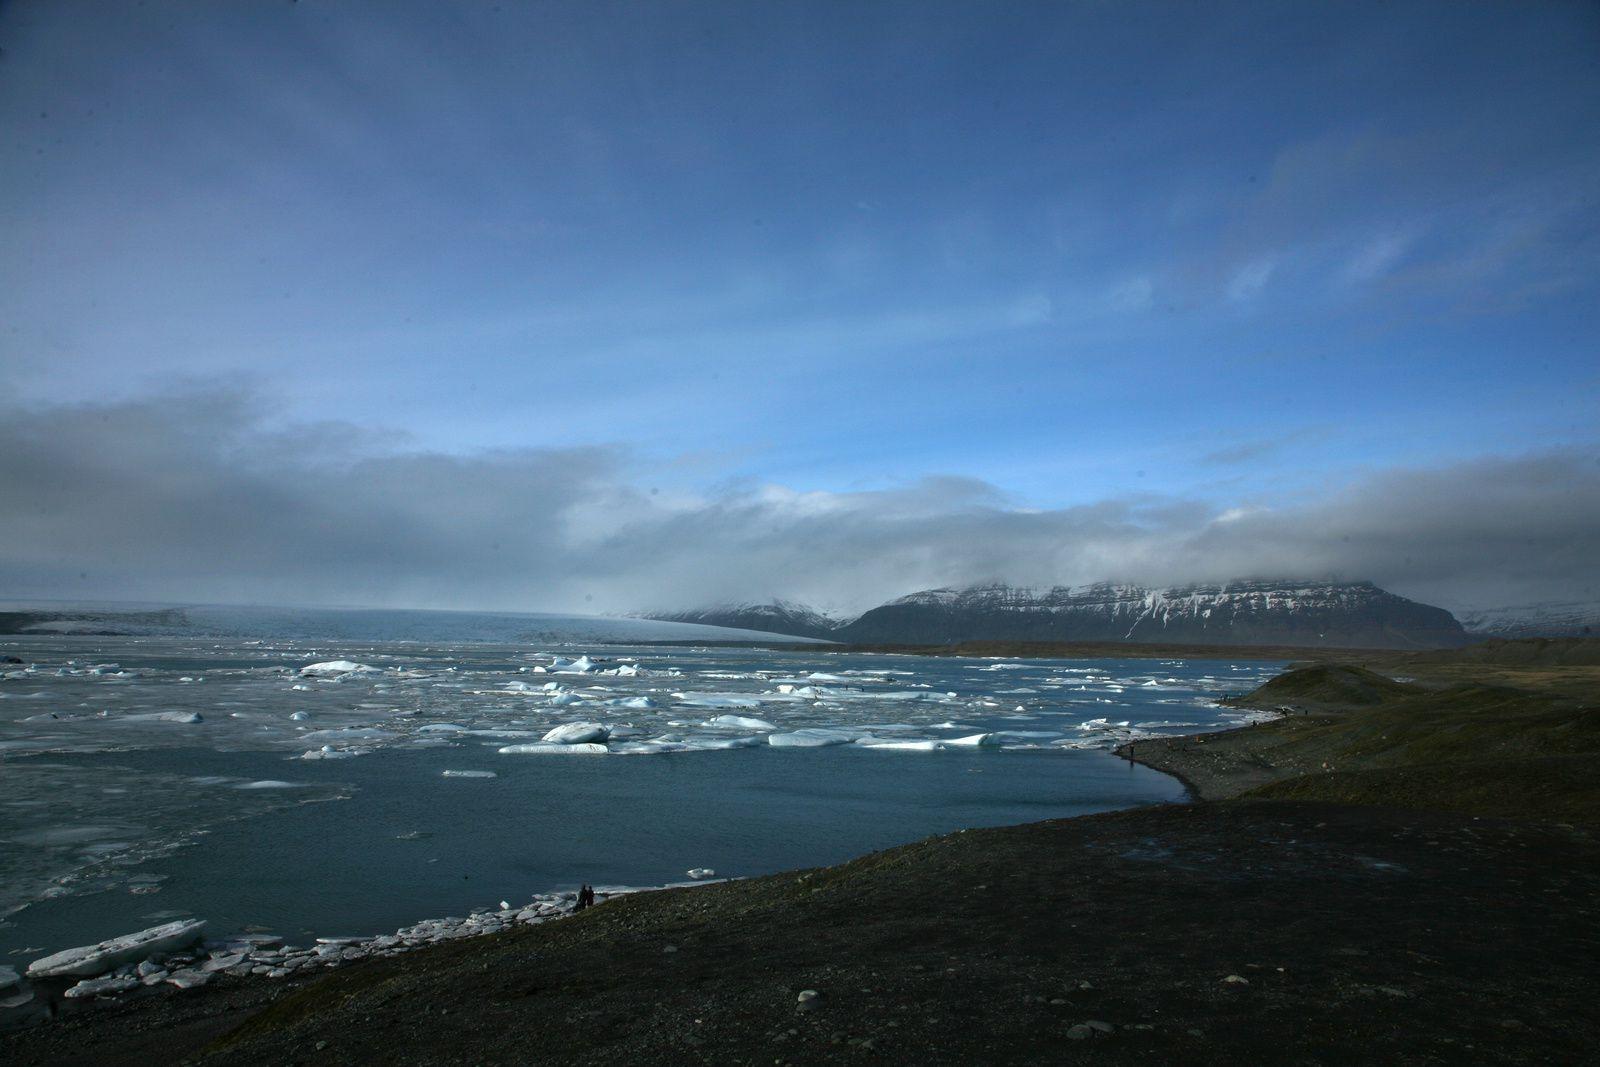 Le lagon glaciaire de Jökulsárlón - photo © Bernard Duyck